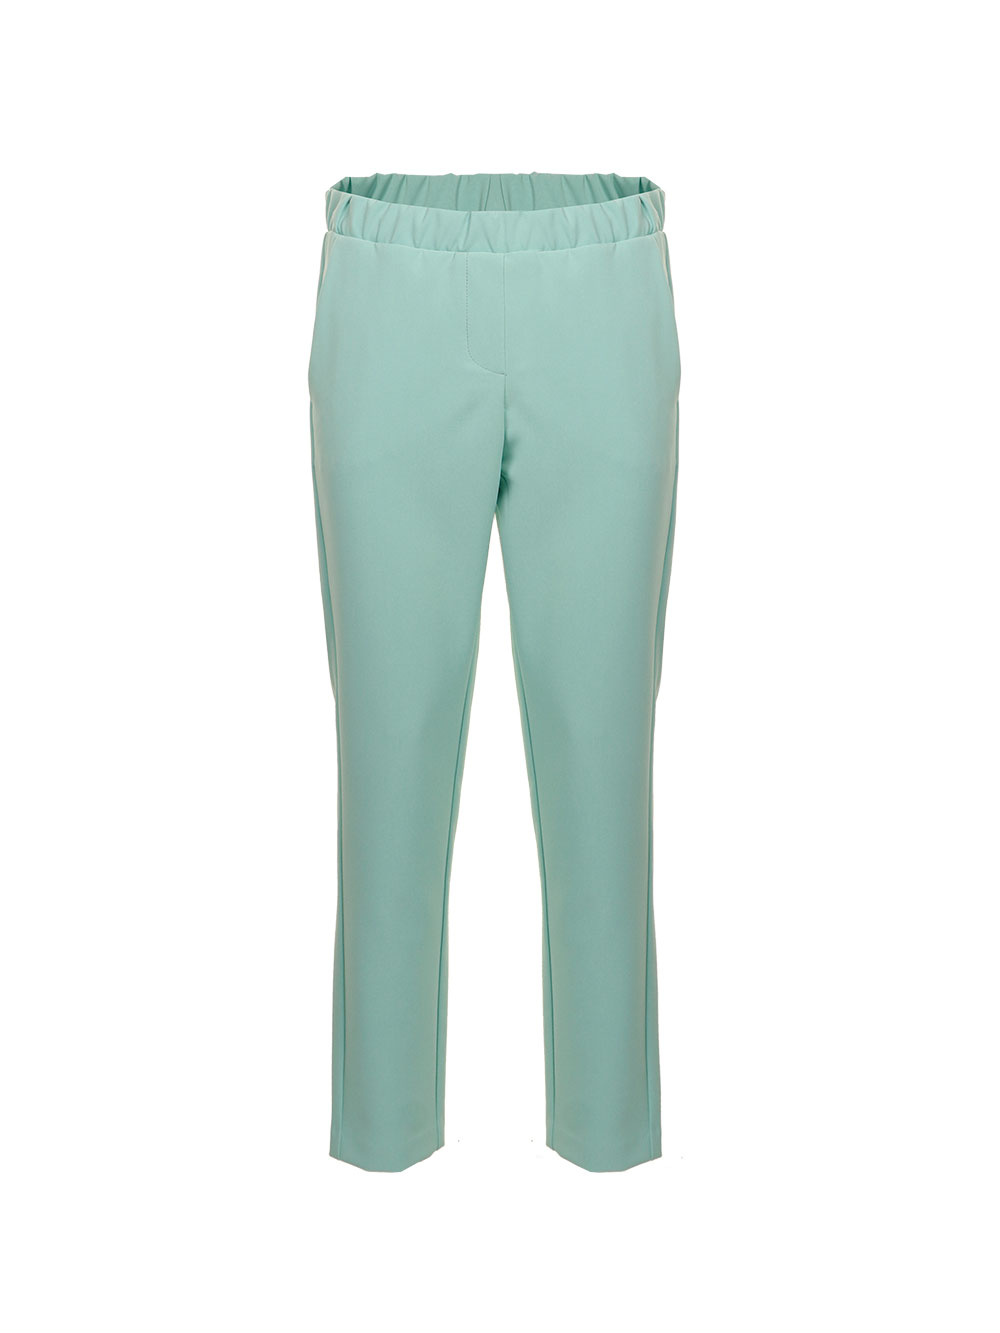 Класические брюки на резинке Imperial